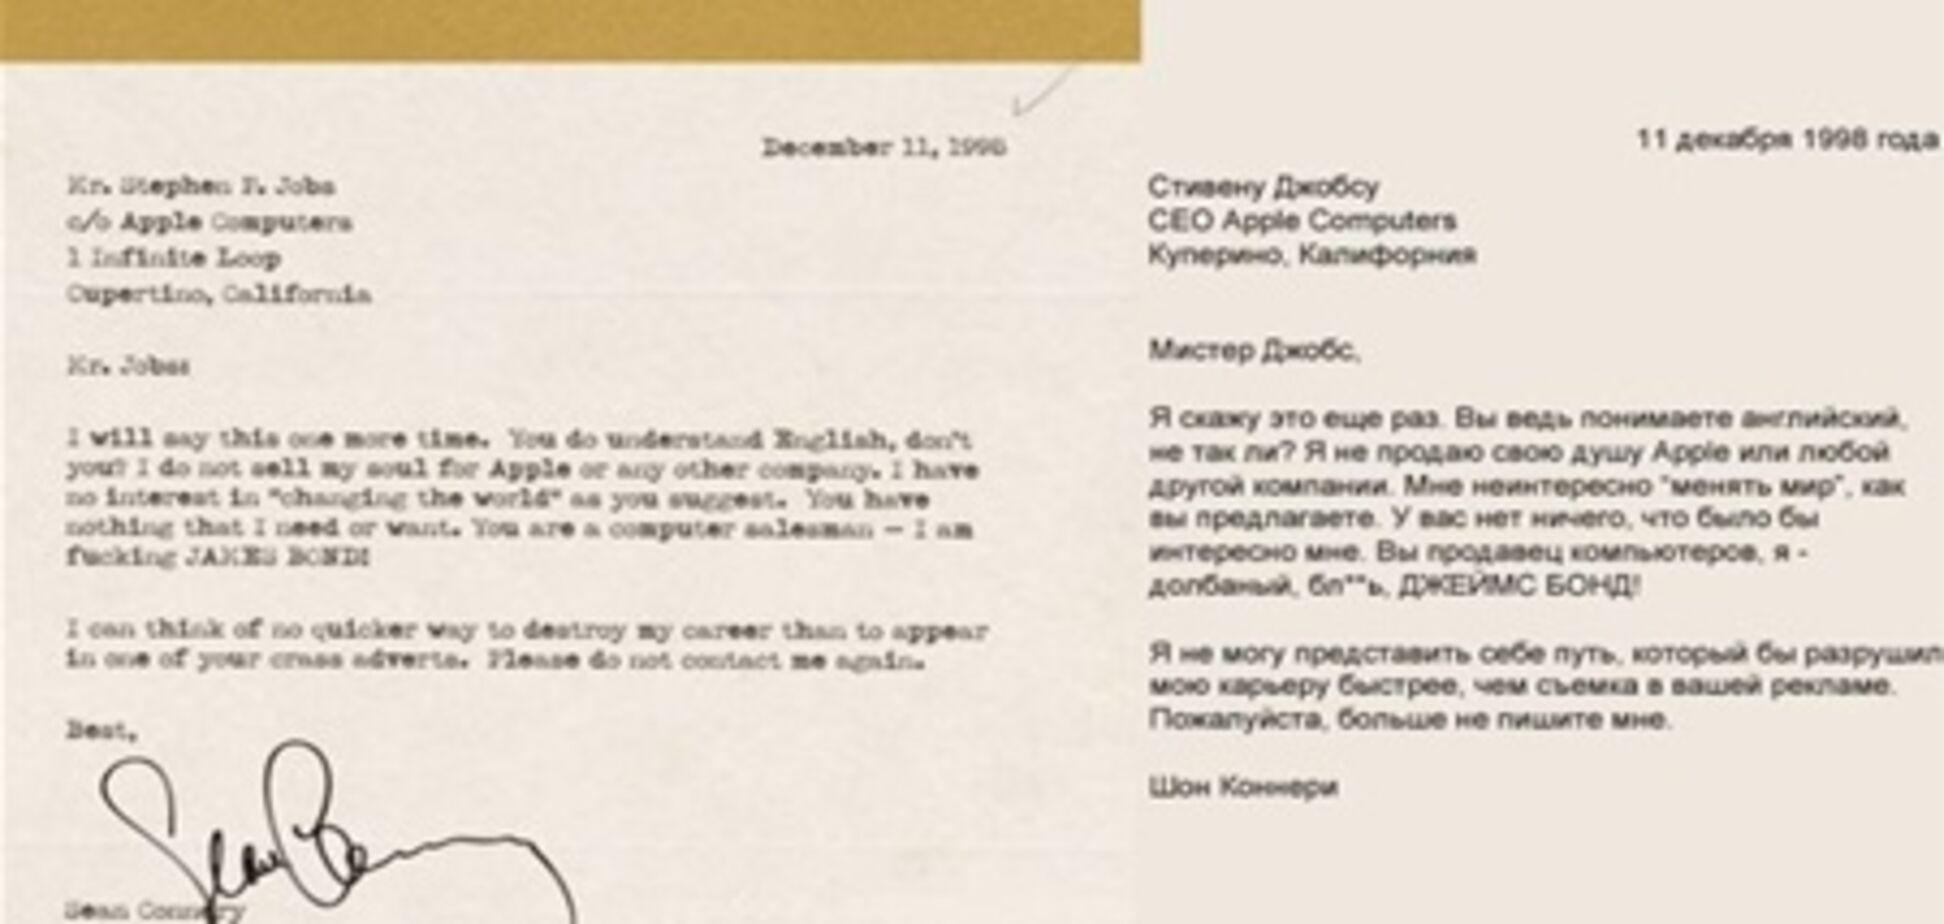 Письмо от лже-Шона Коннери Стиву Джобсу всколыхнуло общественность